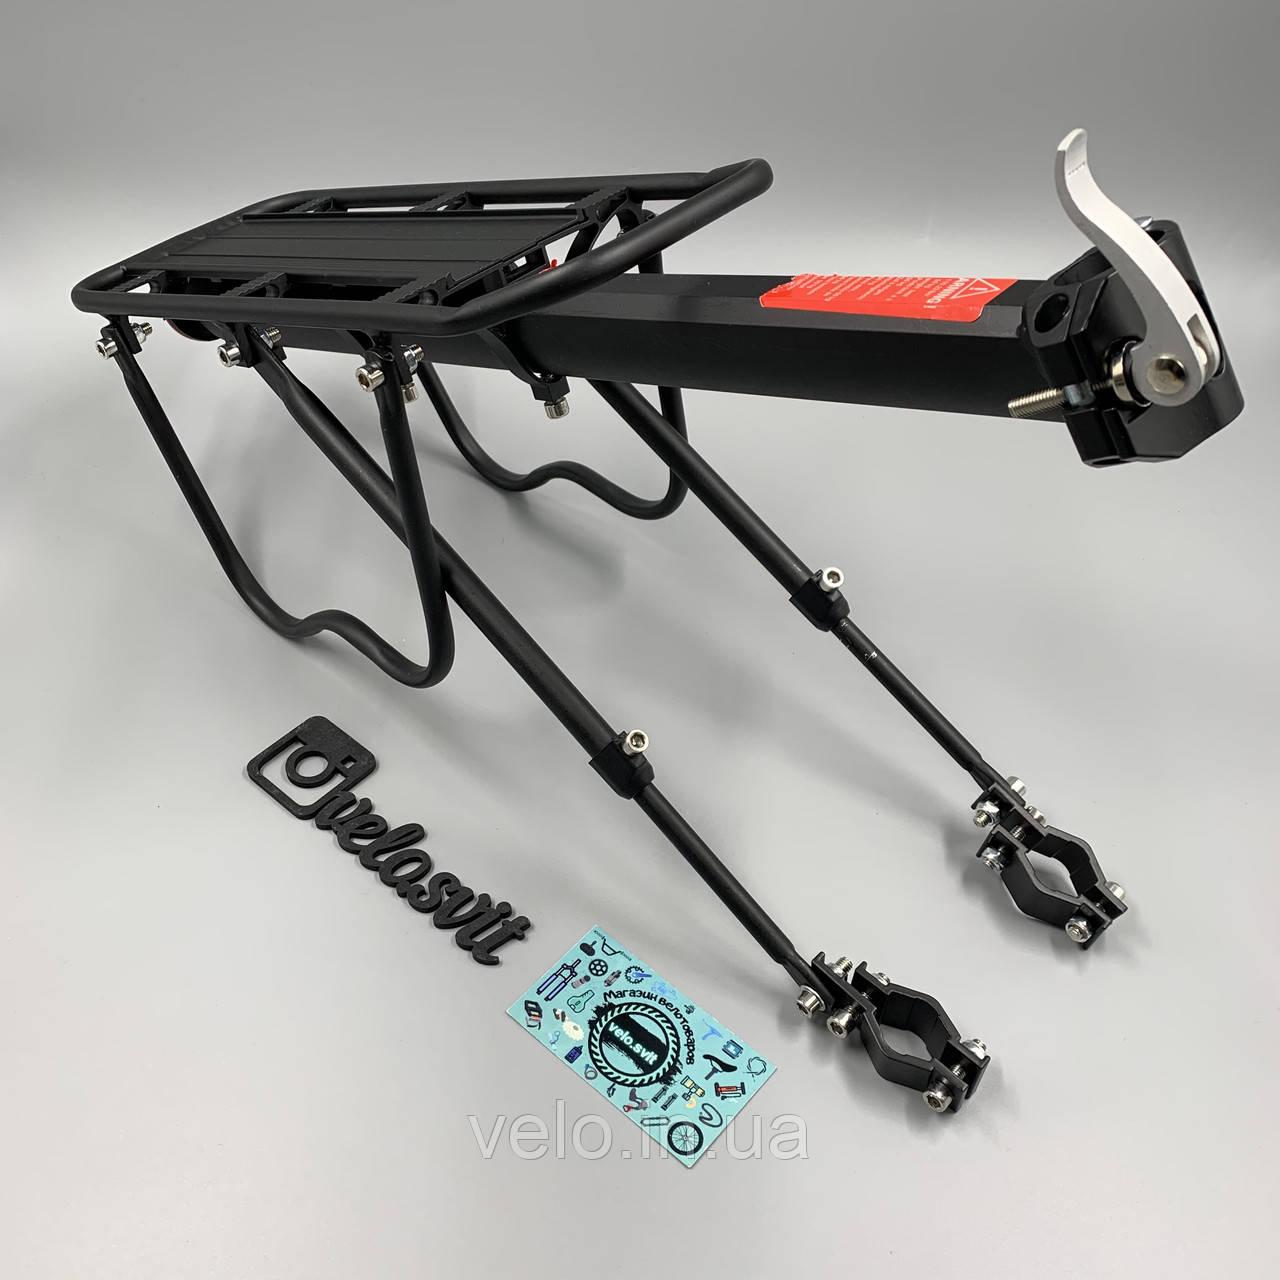 Багажник на велосипед алюмінієвий